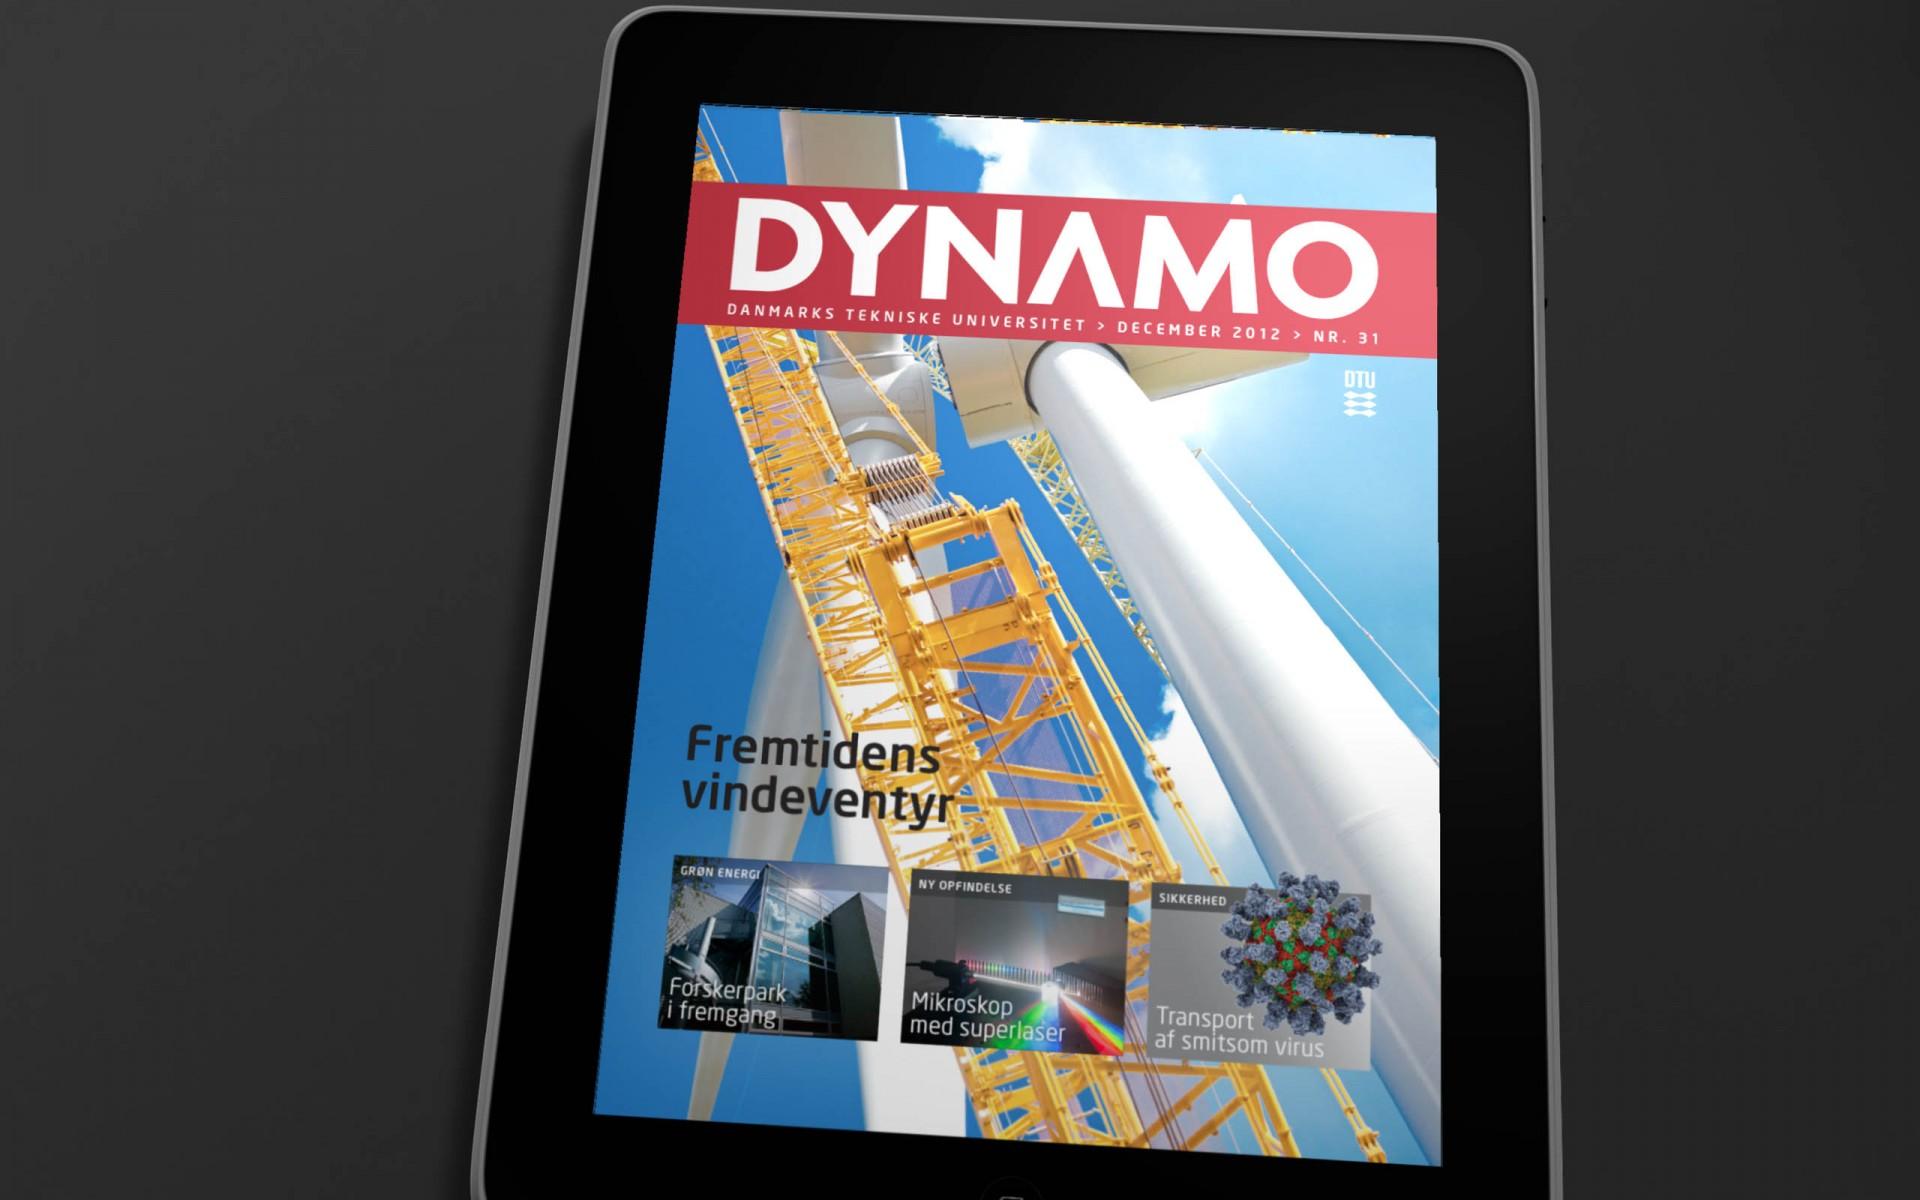 Dynamo_01tif